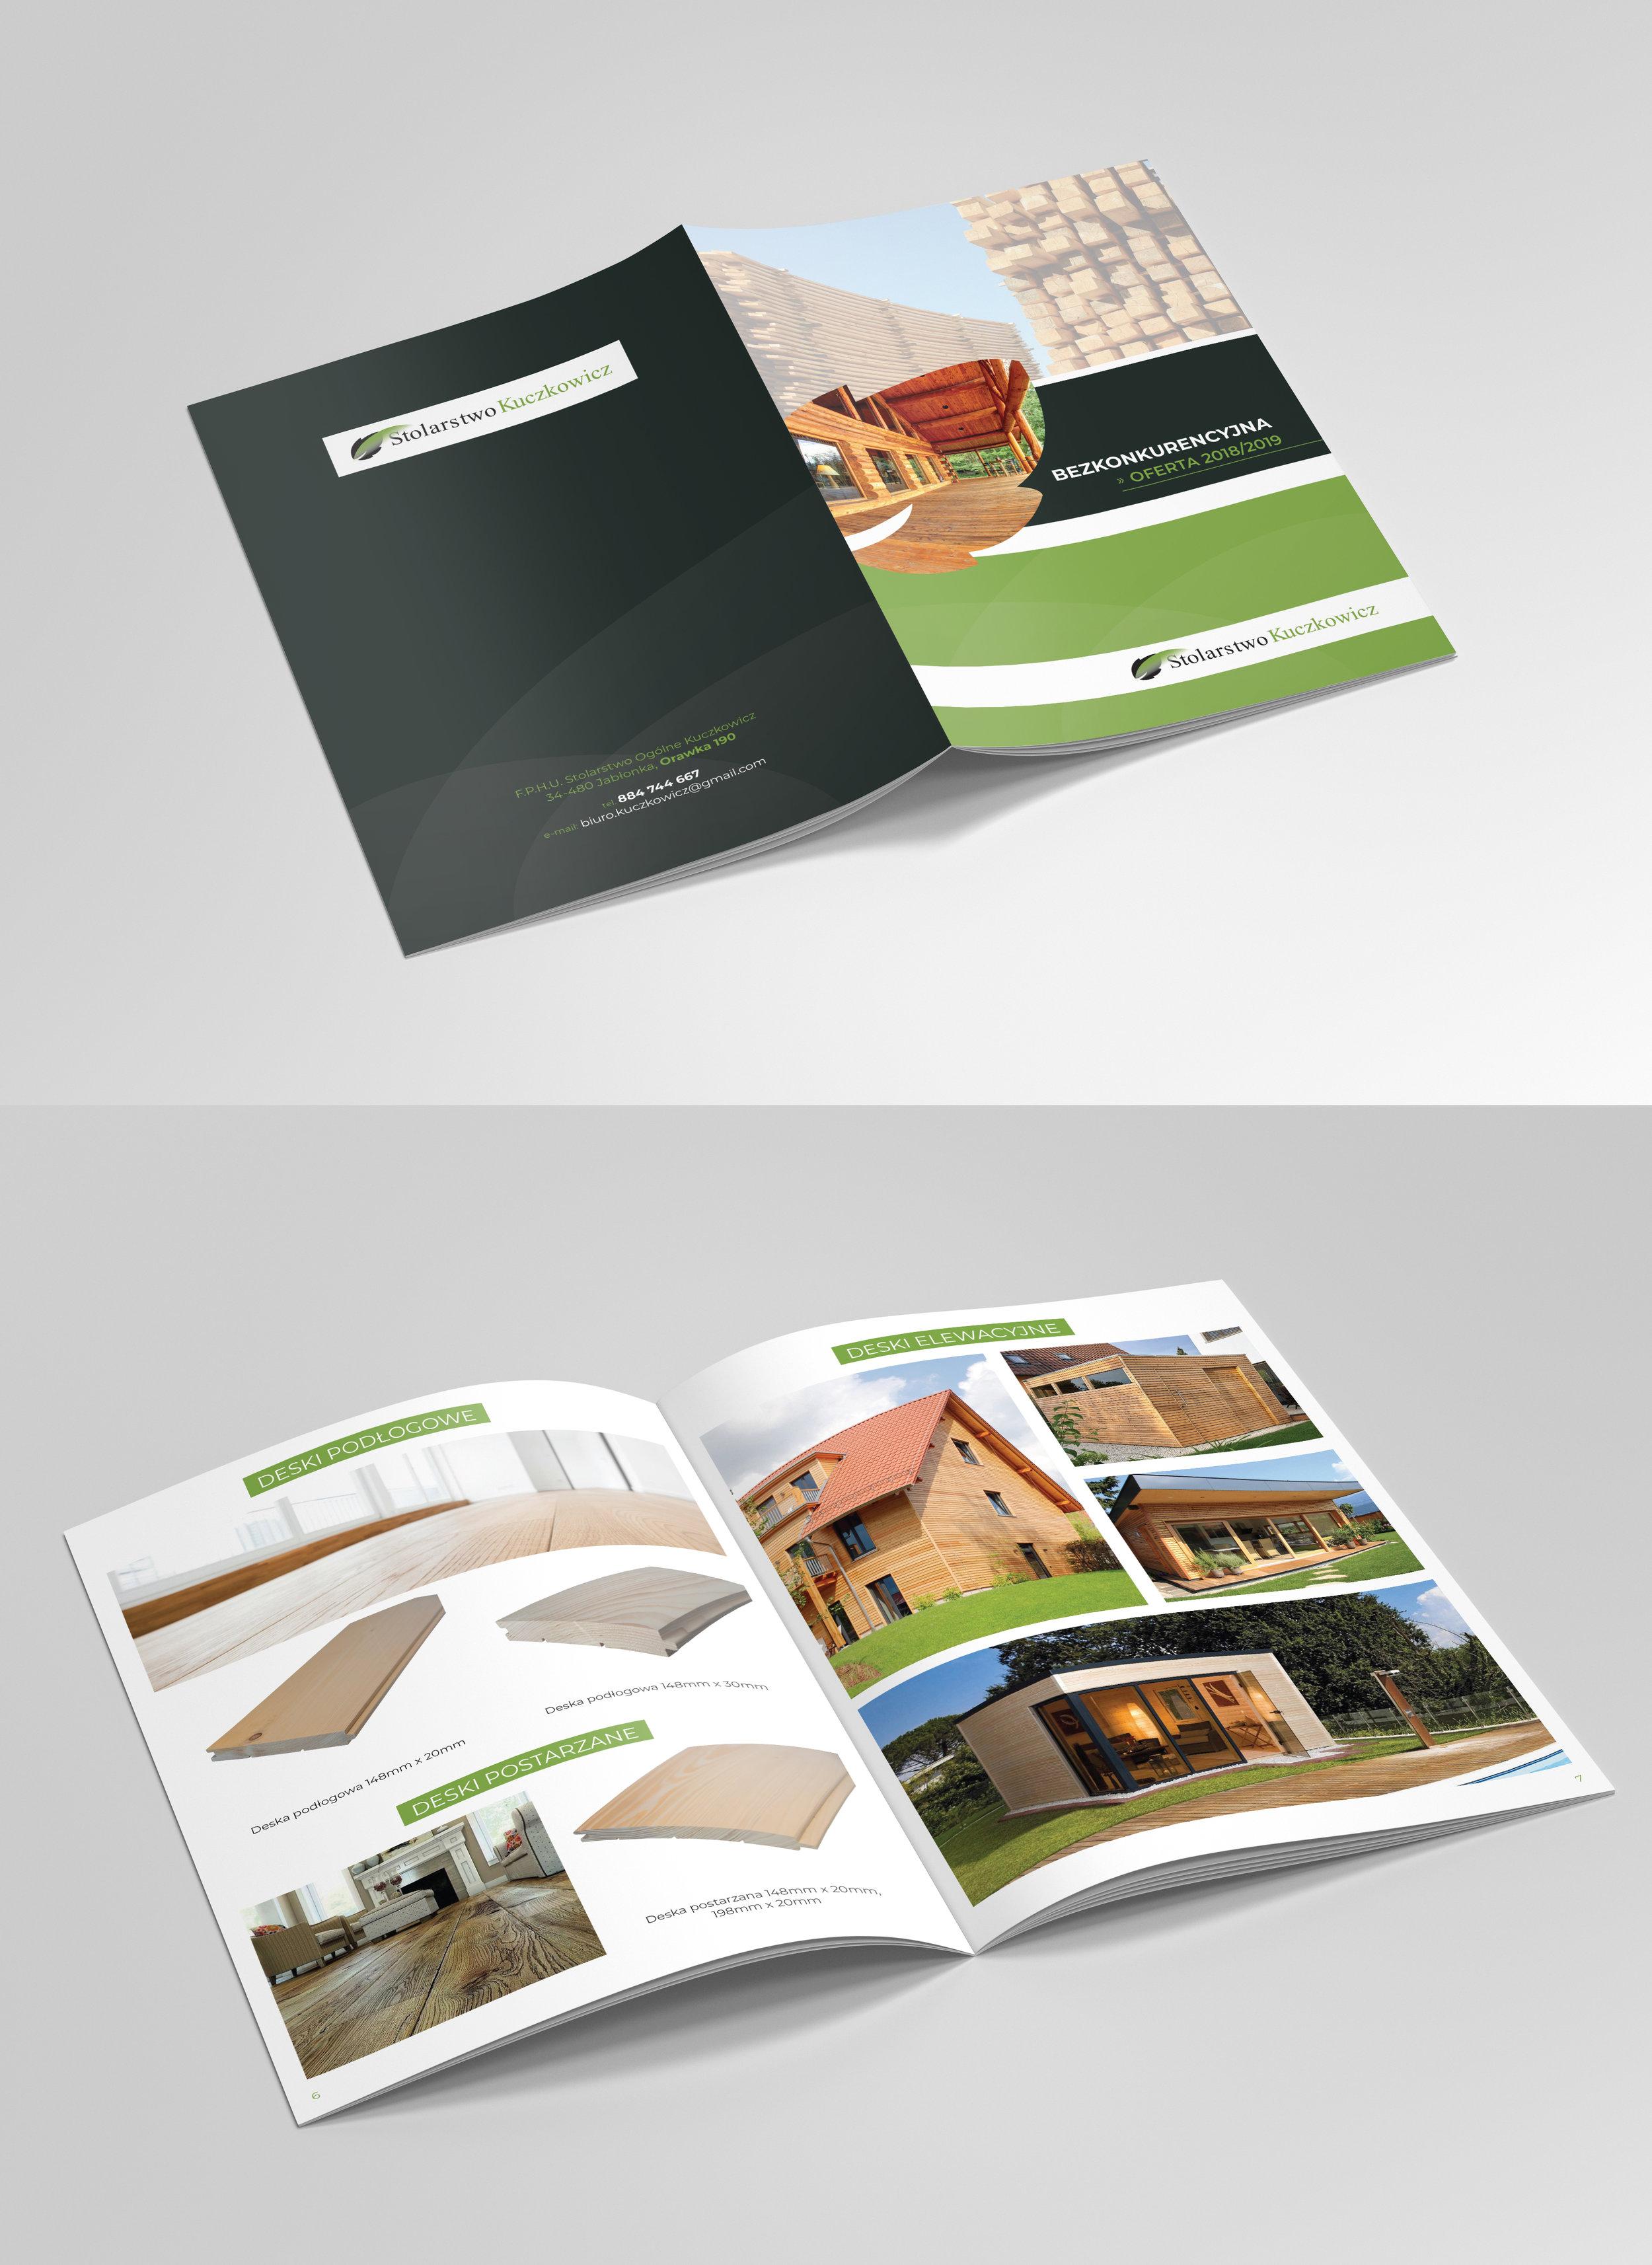 Przygotowanie graficzne i druk katalogów A4. Papier kredowy, okłądka foliowana soft touch + lakier uv.